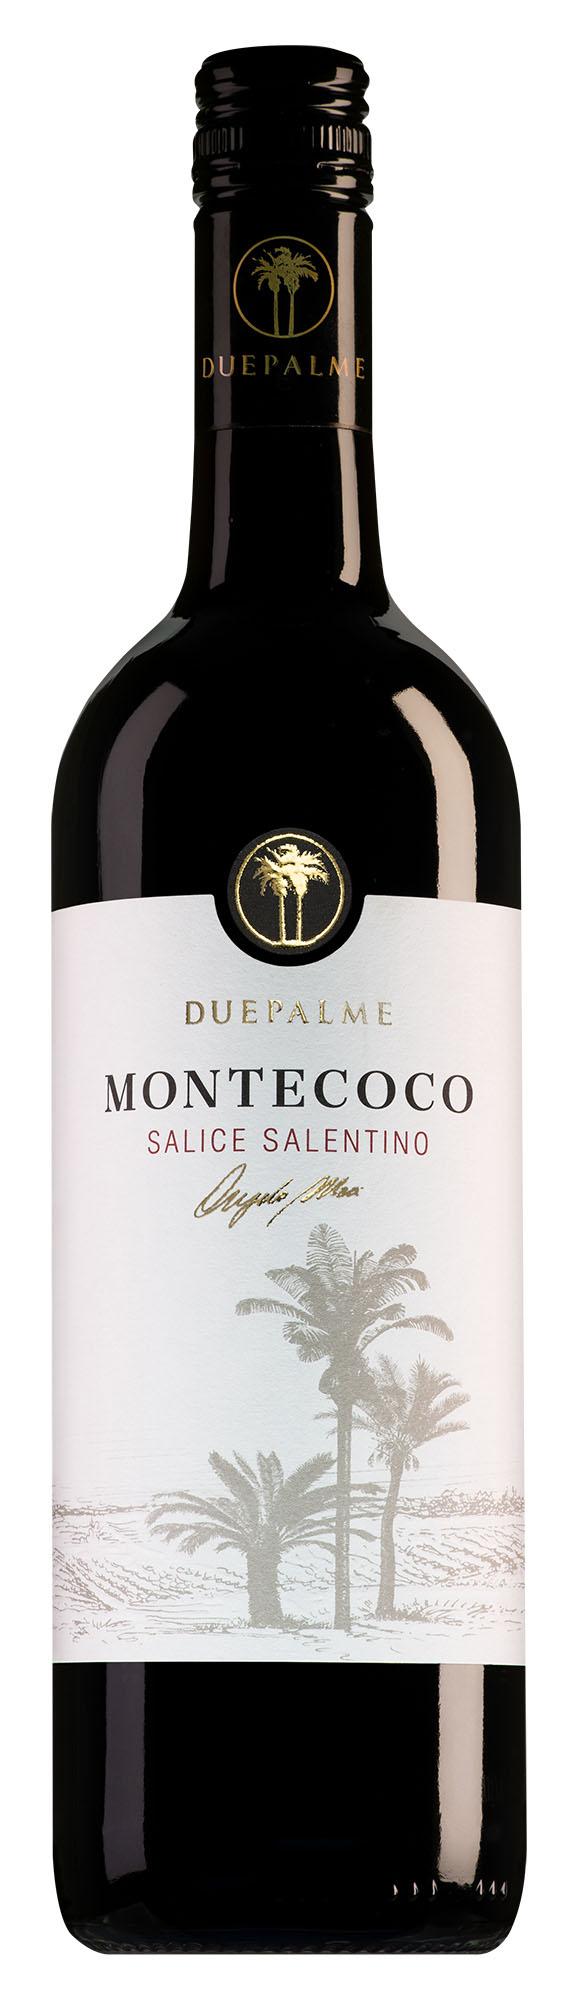 Cantine Due Palme Salice Salentino Montecoco